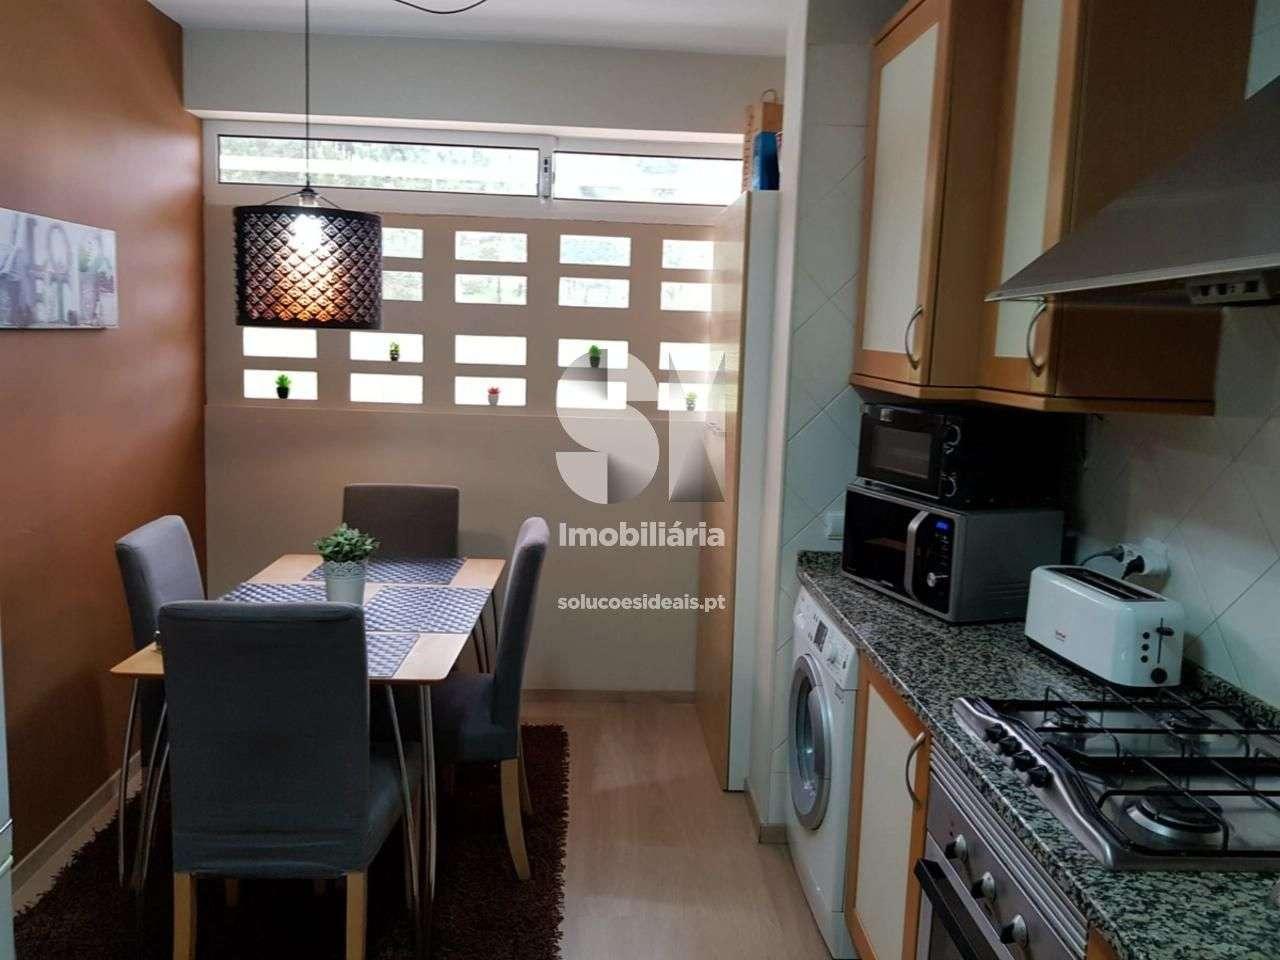 Apartamento para comprar, A dos Cunhados e Maceira, Lisboa - Foto 19